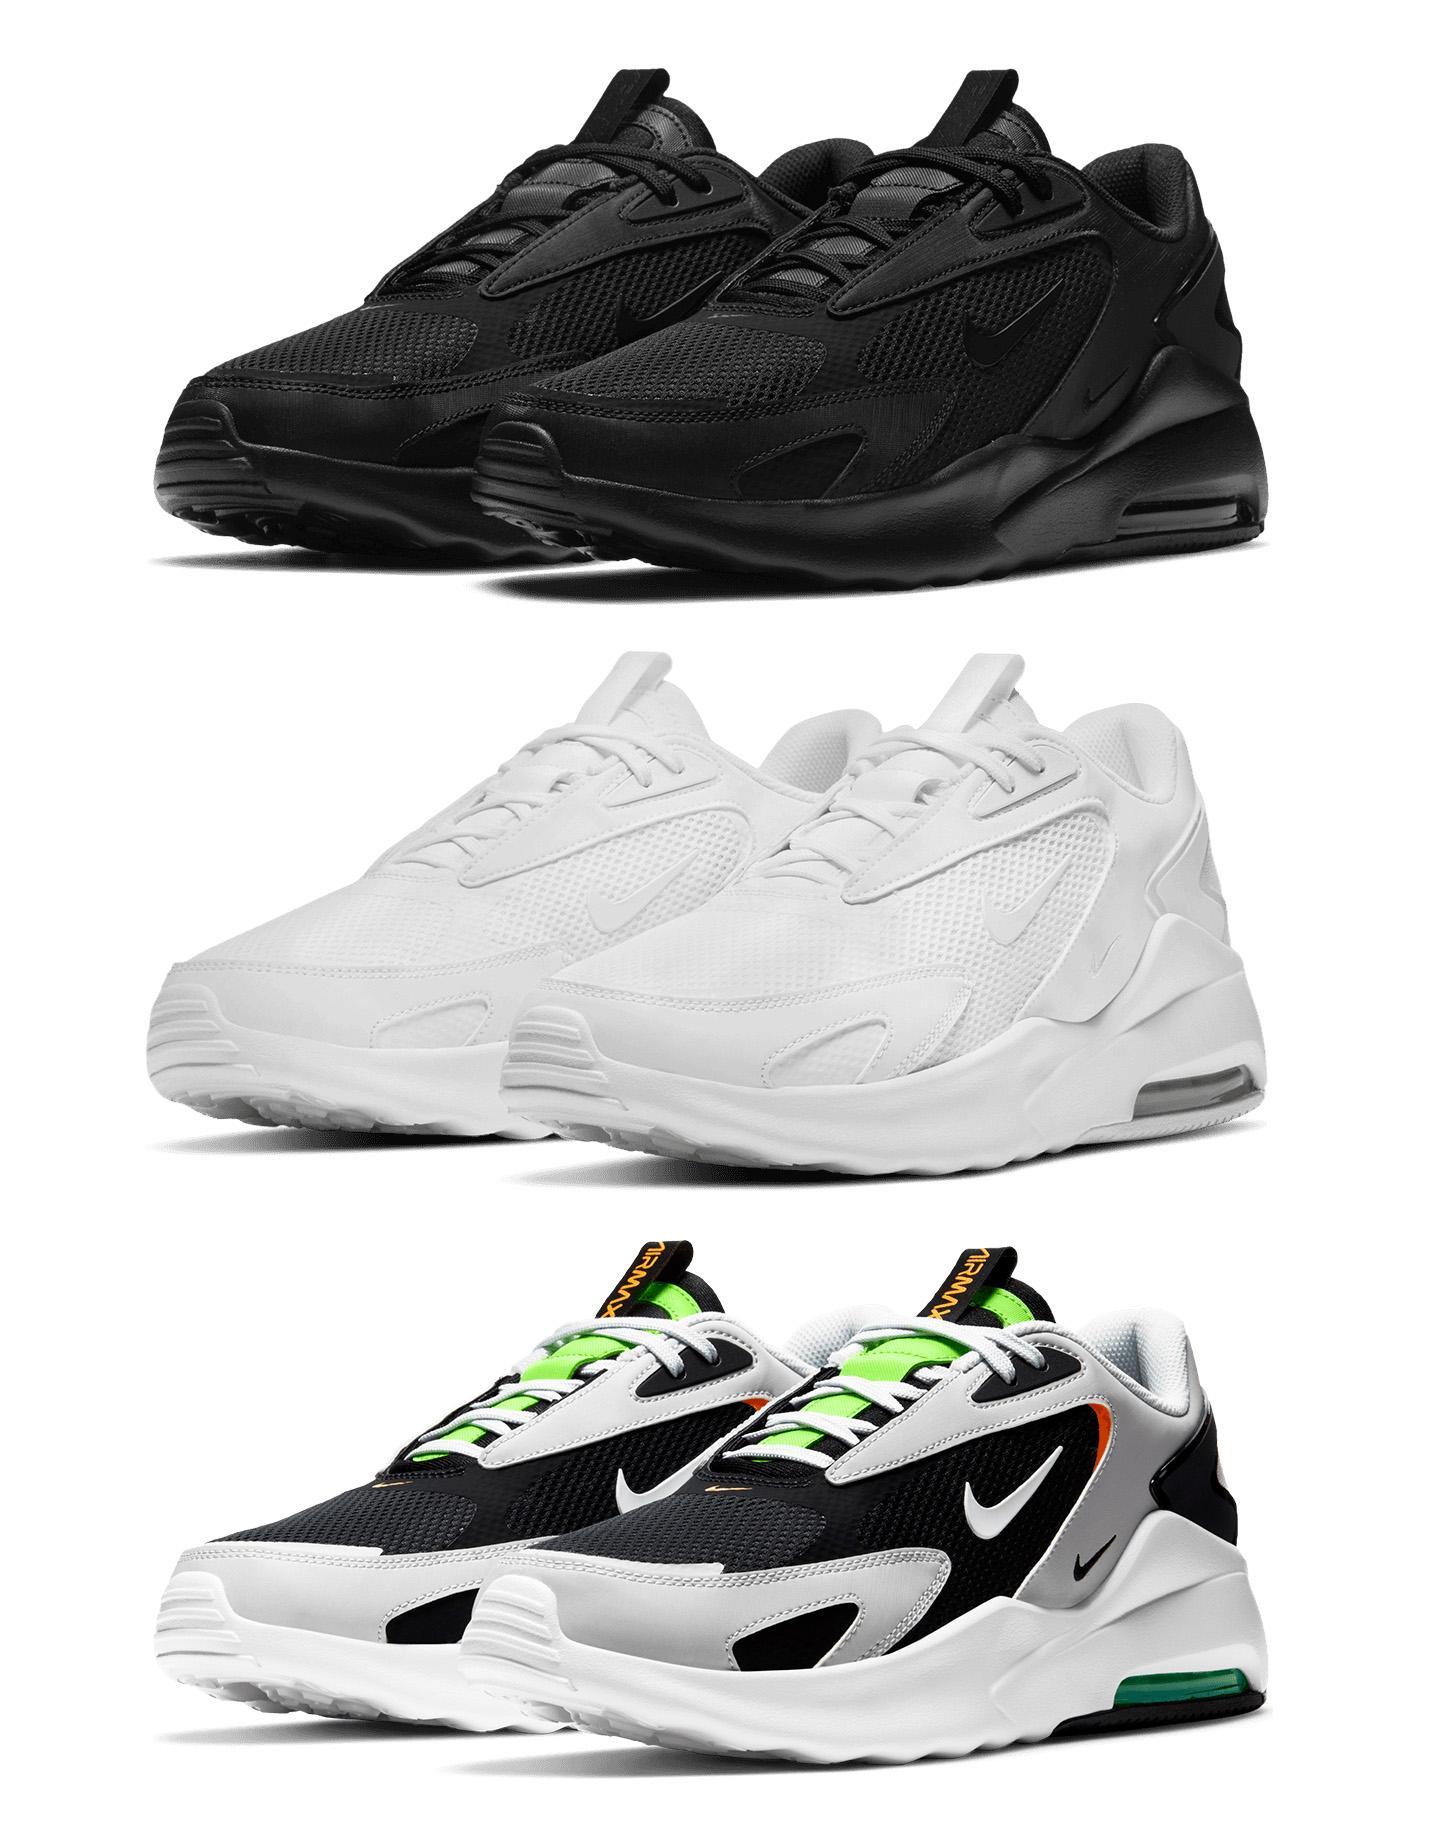 Nike Freizeitschuh Air Max Bolt schwarz (Größen 40 bis 47)